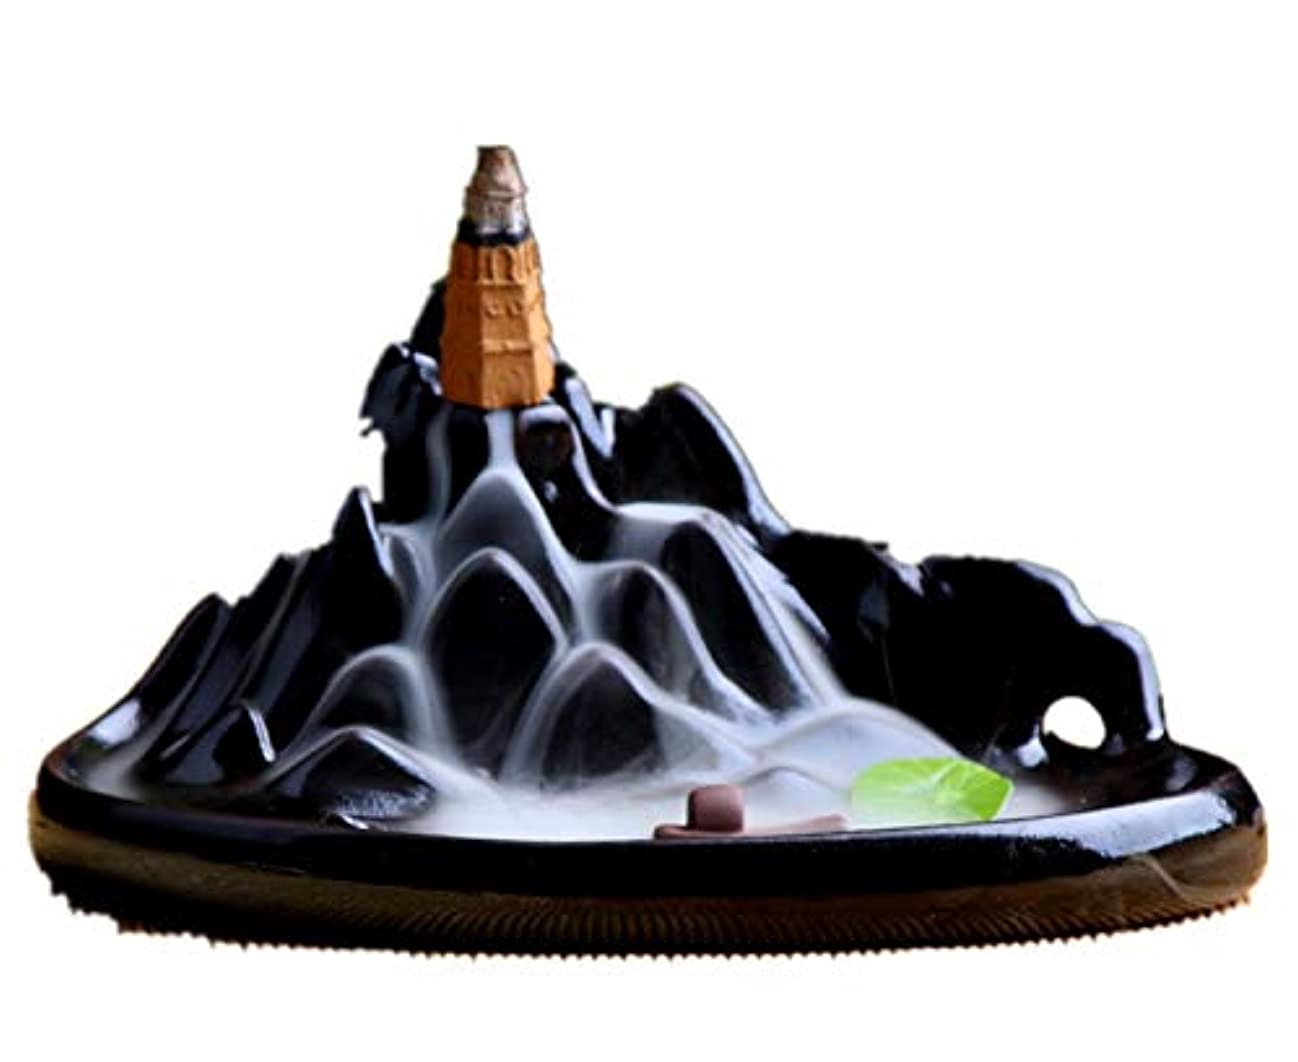 ドール不健康バイオレットXPPXPP Backflow Incense Burner, Household Ceramic Returning Cone-shaped Candlestick Burner